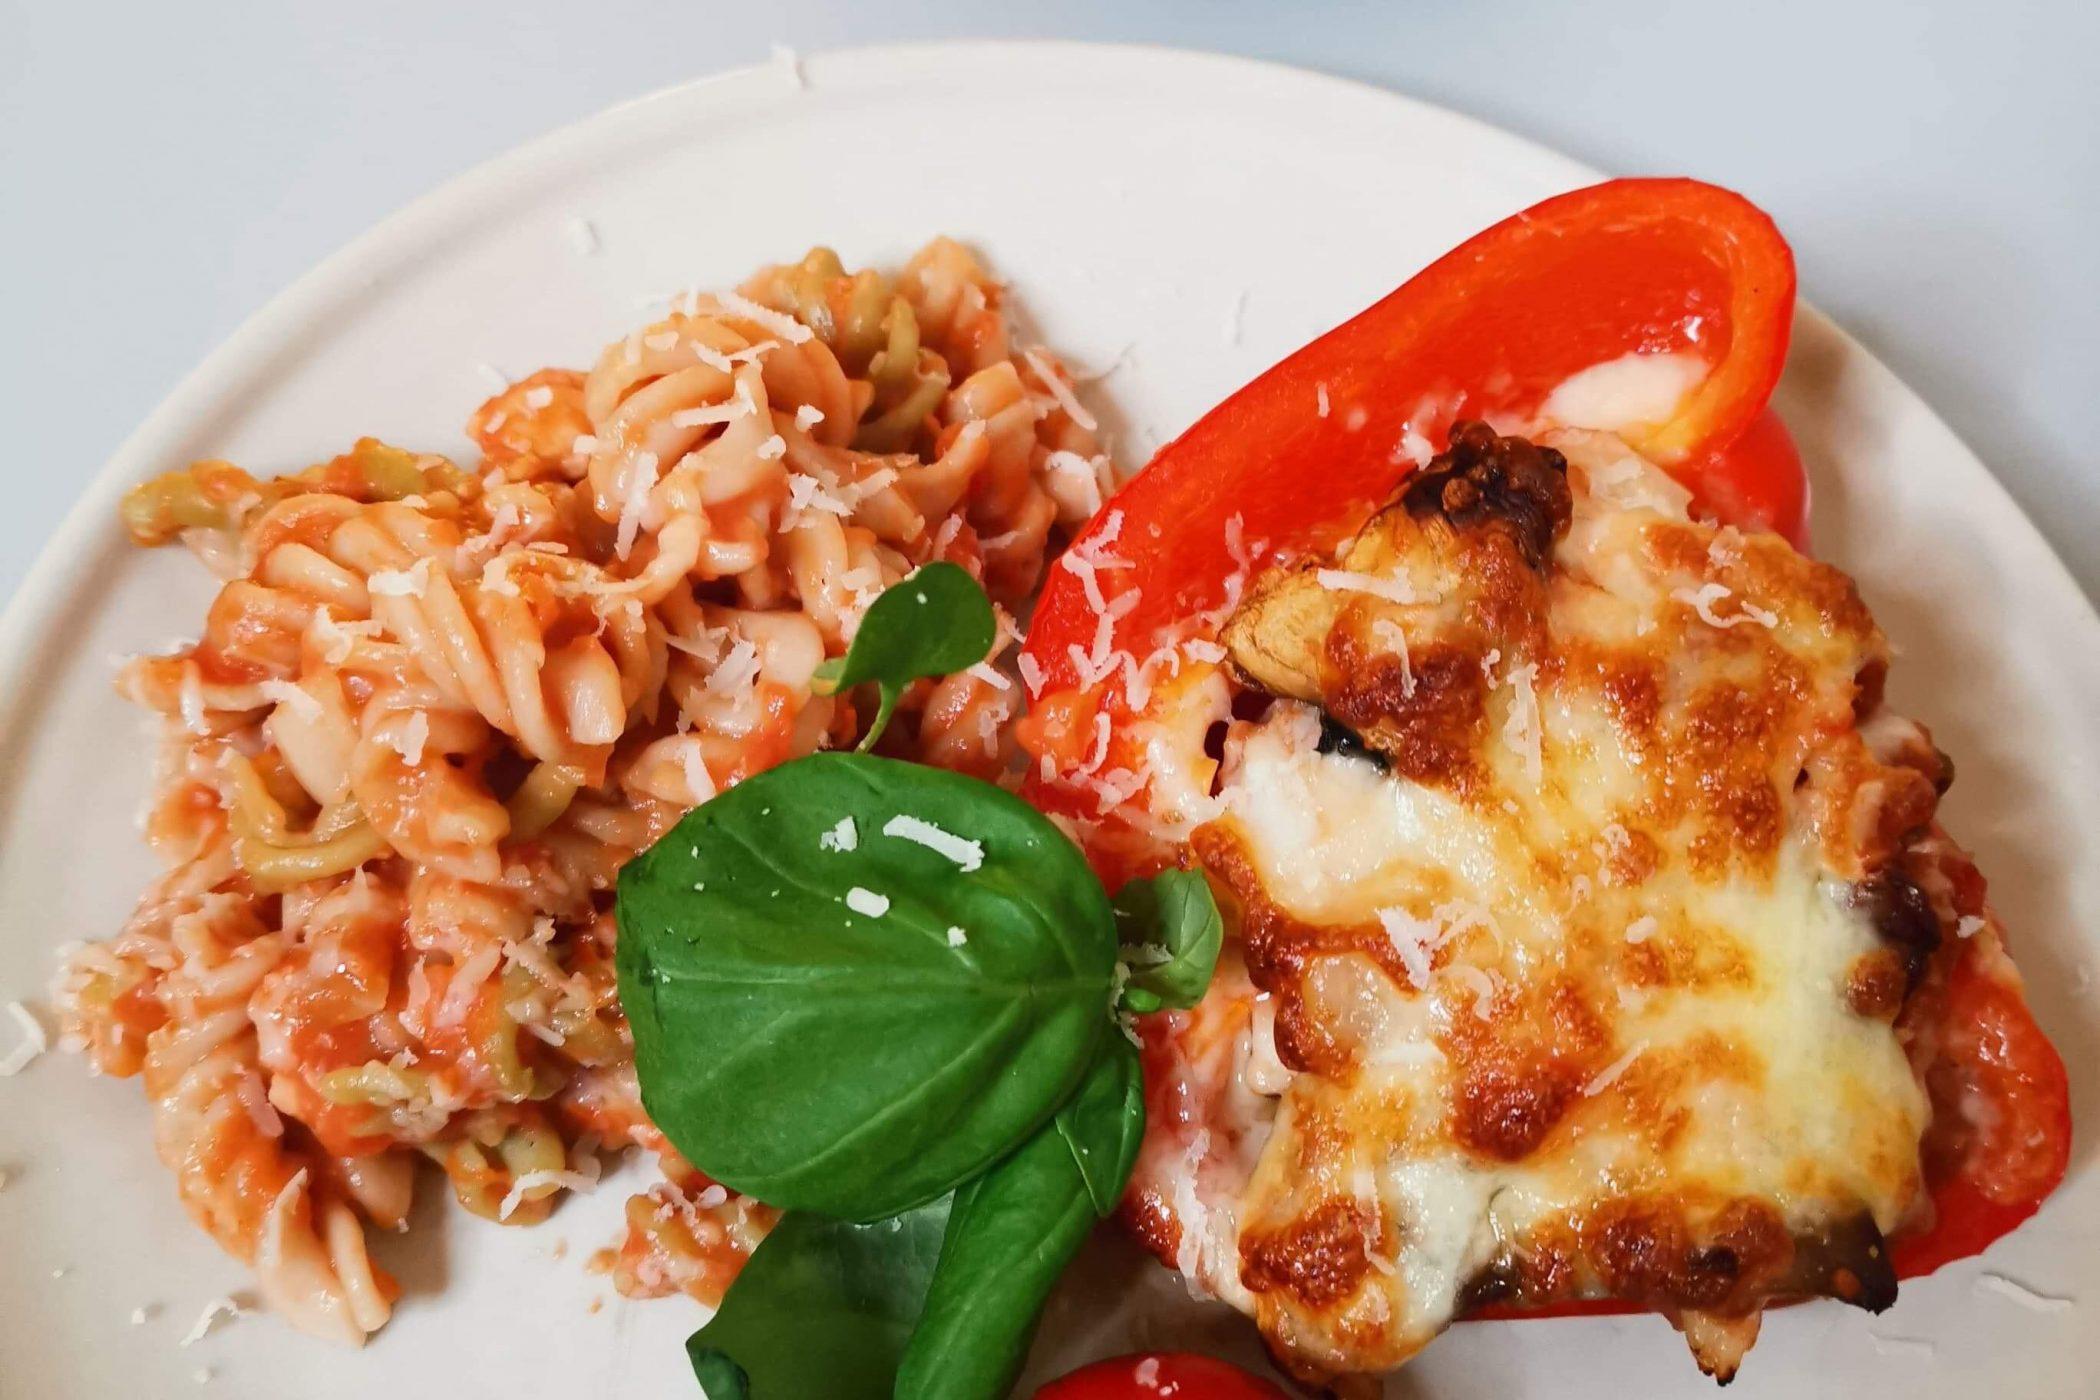 Fylt paprika med tomatisert torsk og brunrispasta